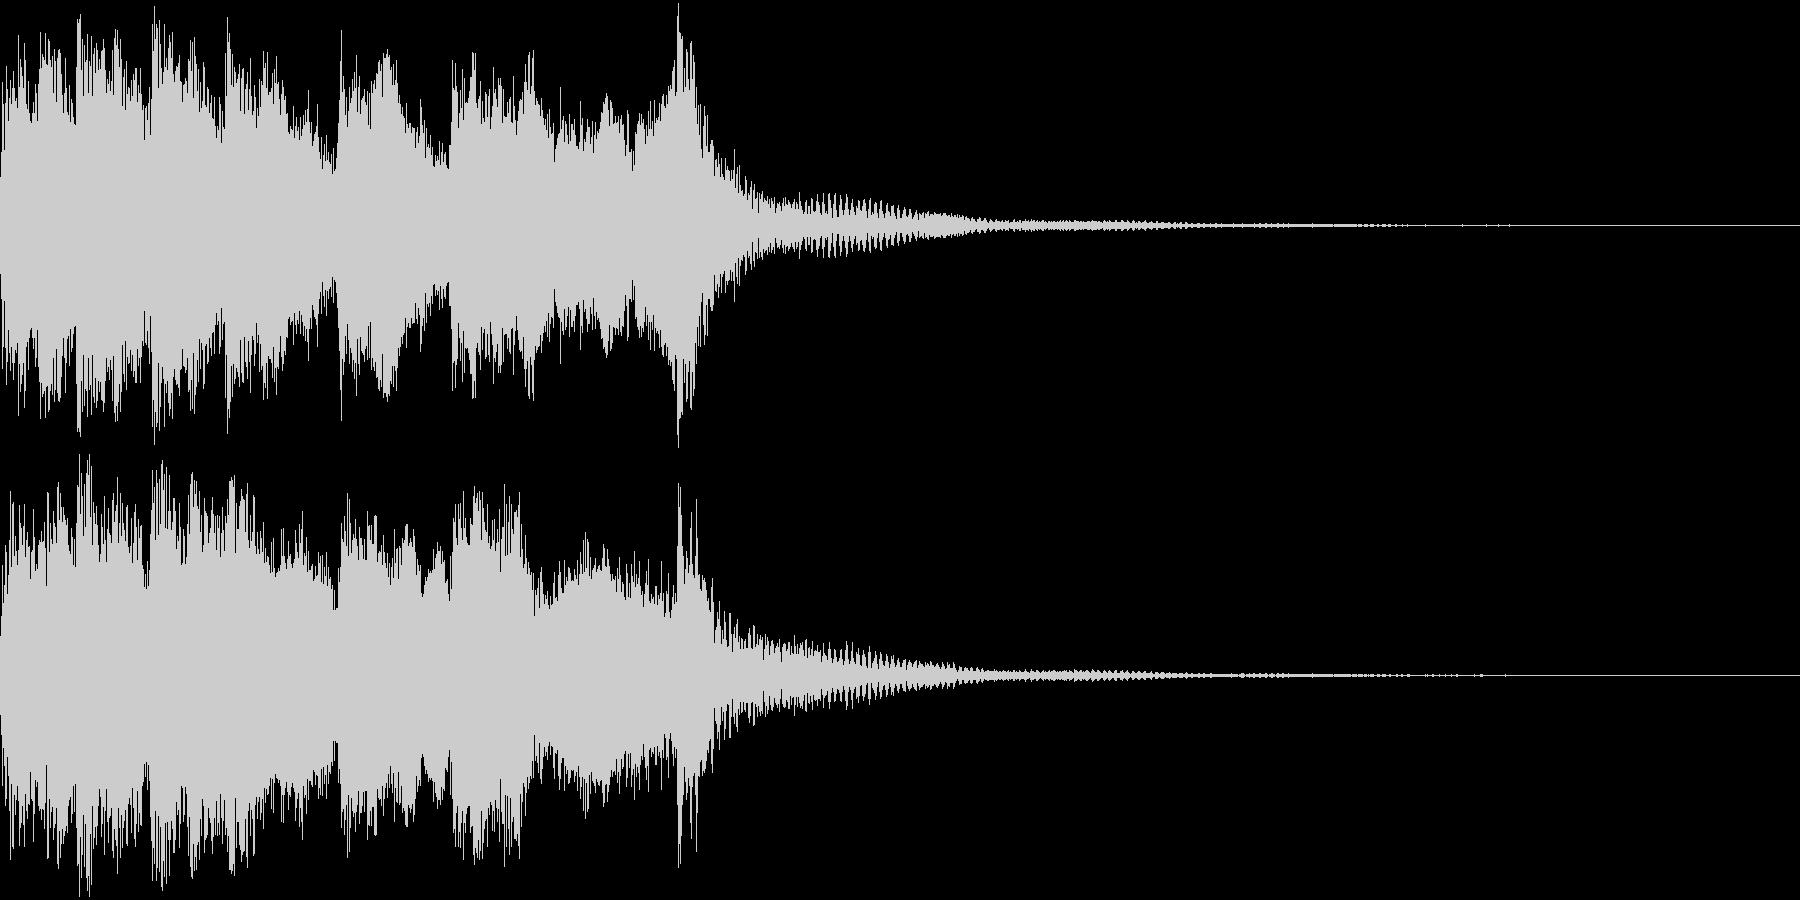 ファンファーレ 当たり 正解 合格 05の未再生の波形